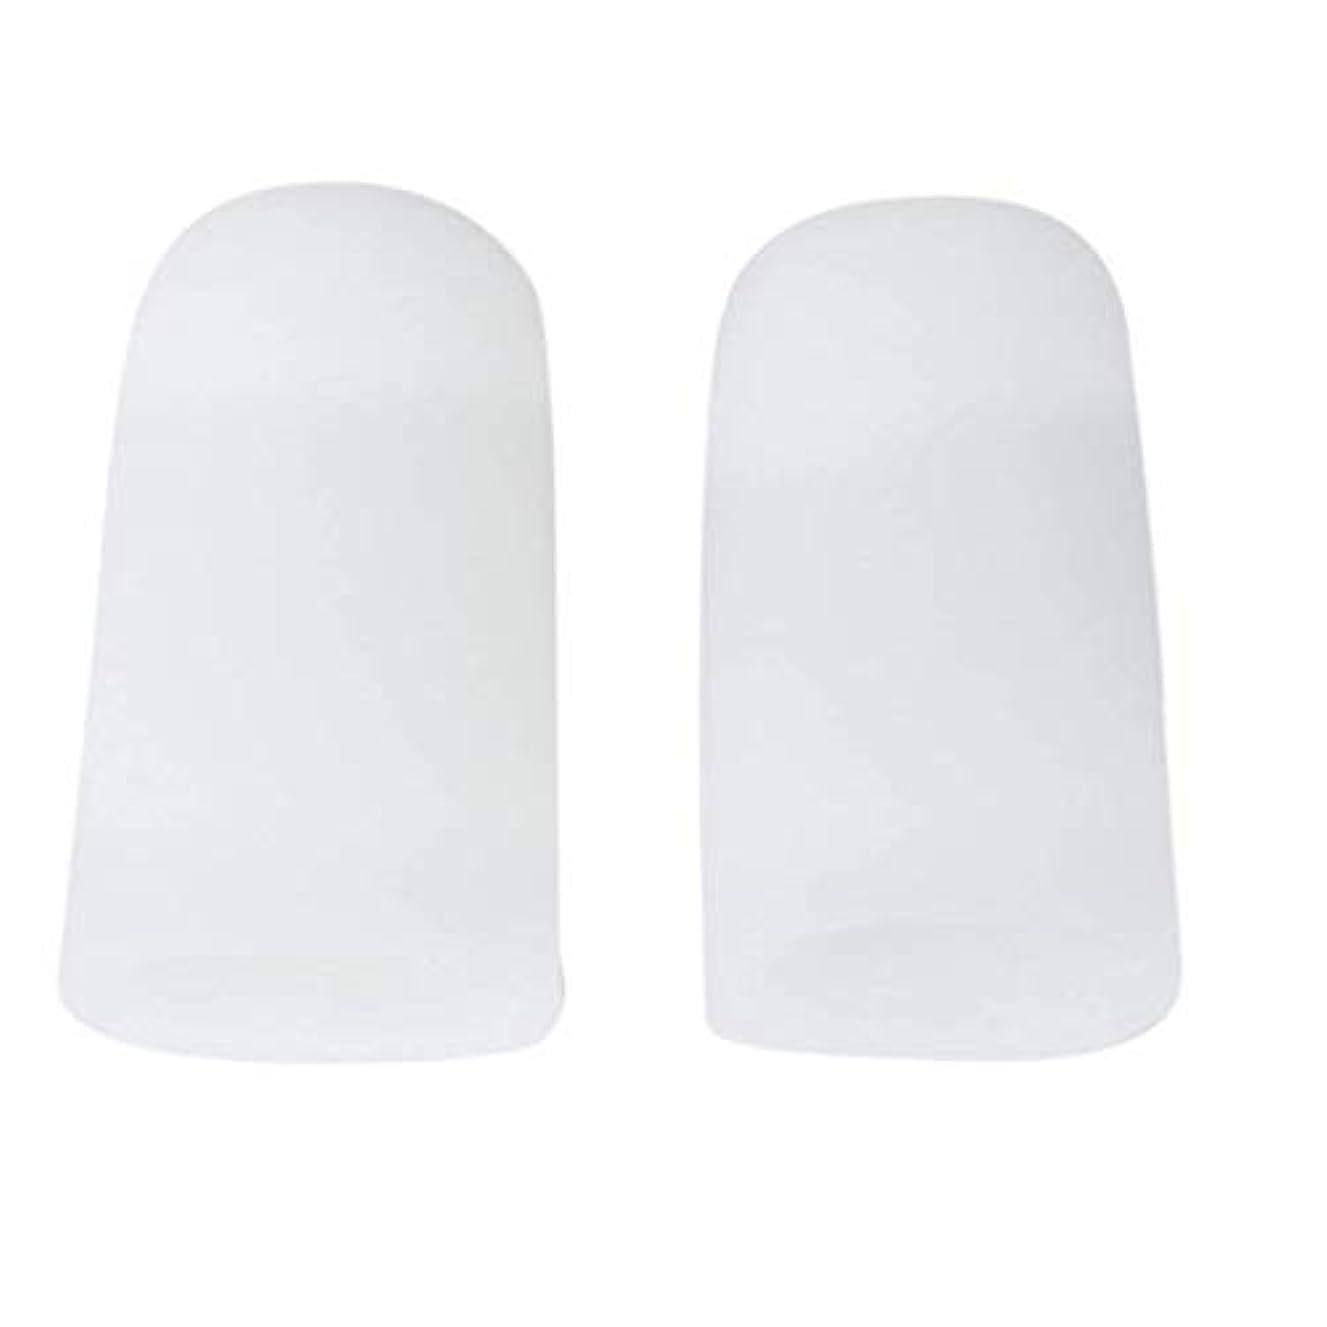 トラフィック葬儀ローストTSUCIA 足指保護キャップ つま先プロテクター 足先のつめ保護キャップ シリコン (M)